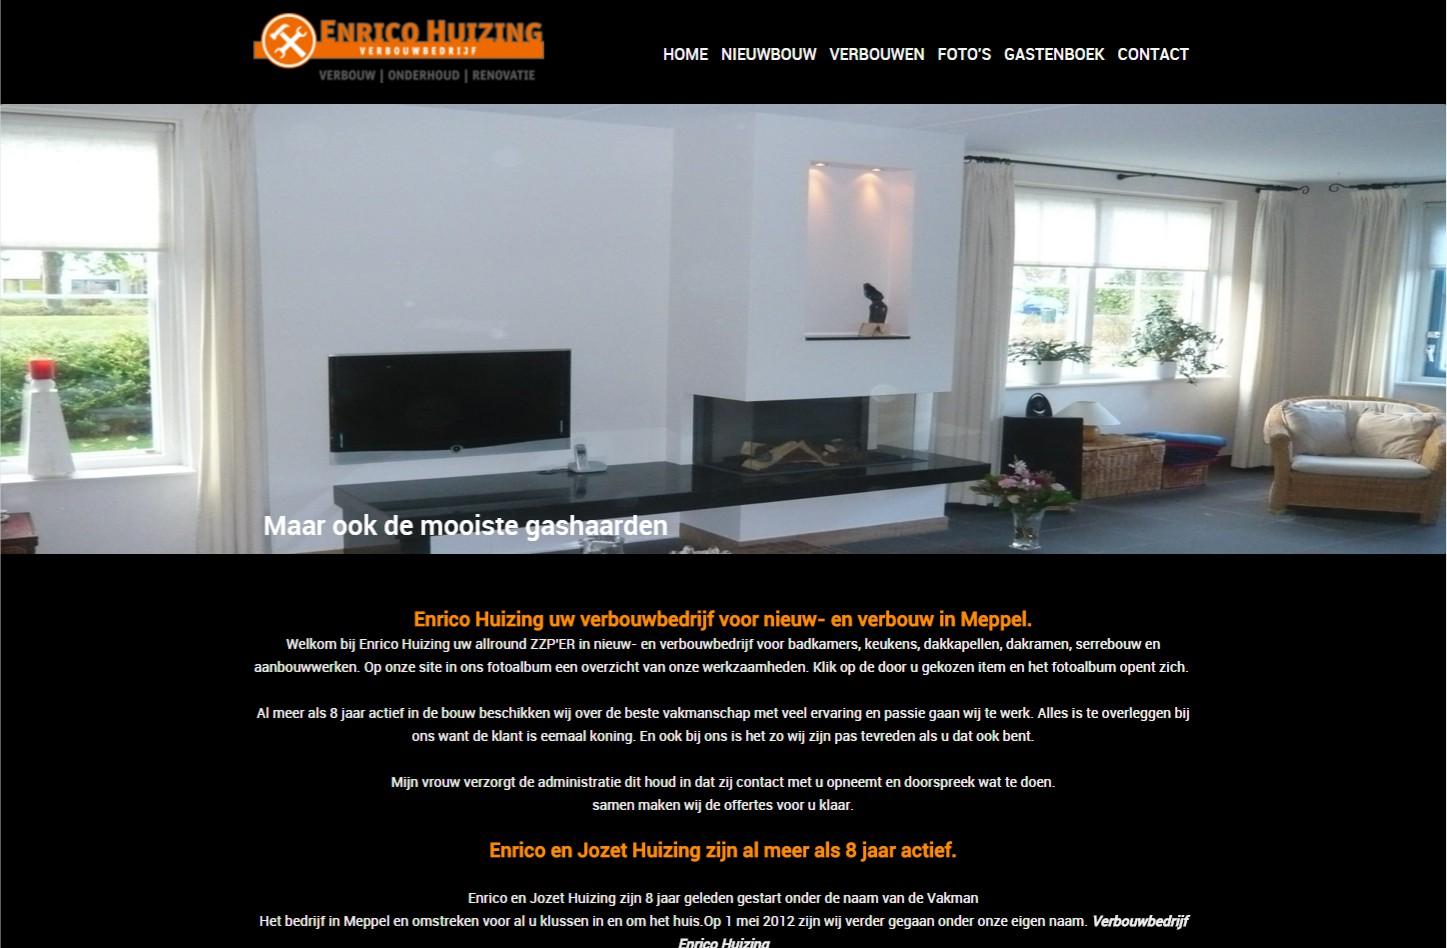 OND Basissite voor € 599,00 compleet geleverd en u kunt direct aan de slag en genieten van uw professionele website. +++www.enricohuizing.nl